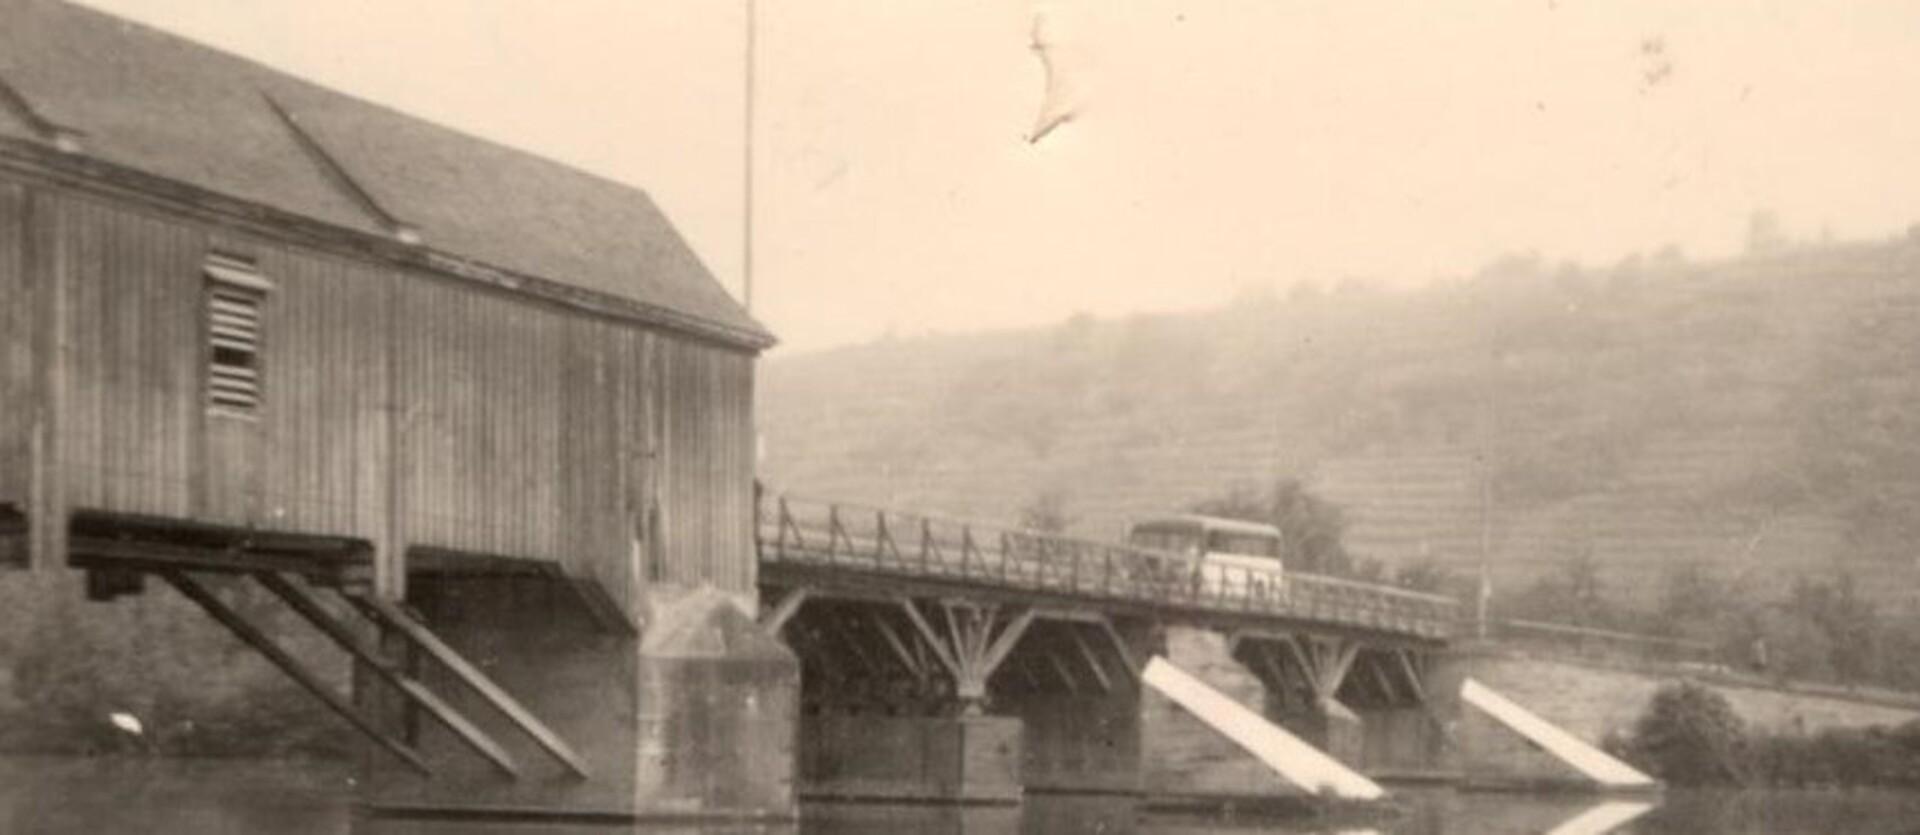 Brücke_alt_Bus.jpeg